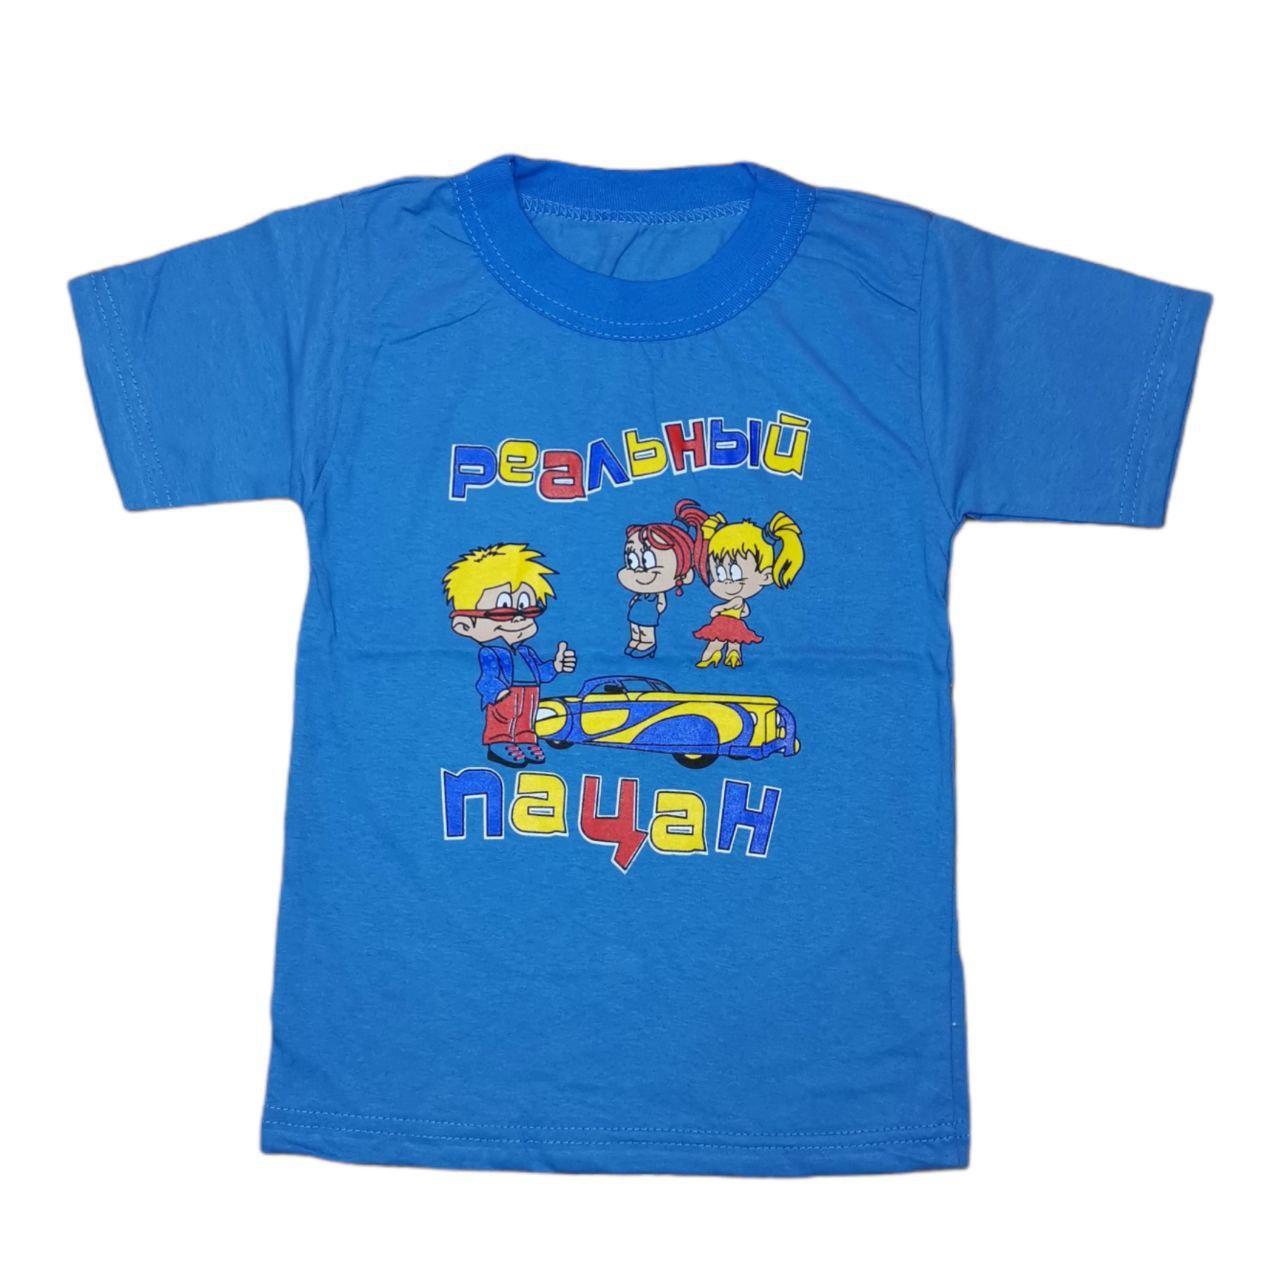 Дитяча футболка для хлопчика з принтом Реальний пацан кулір